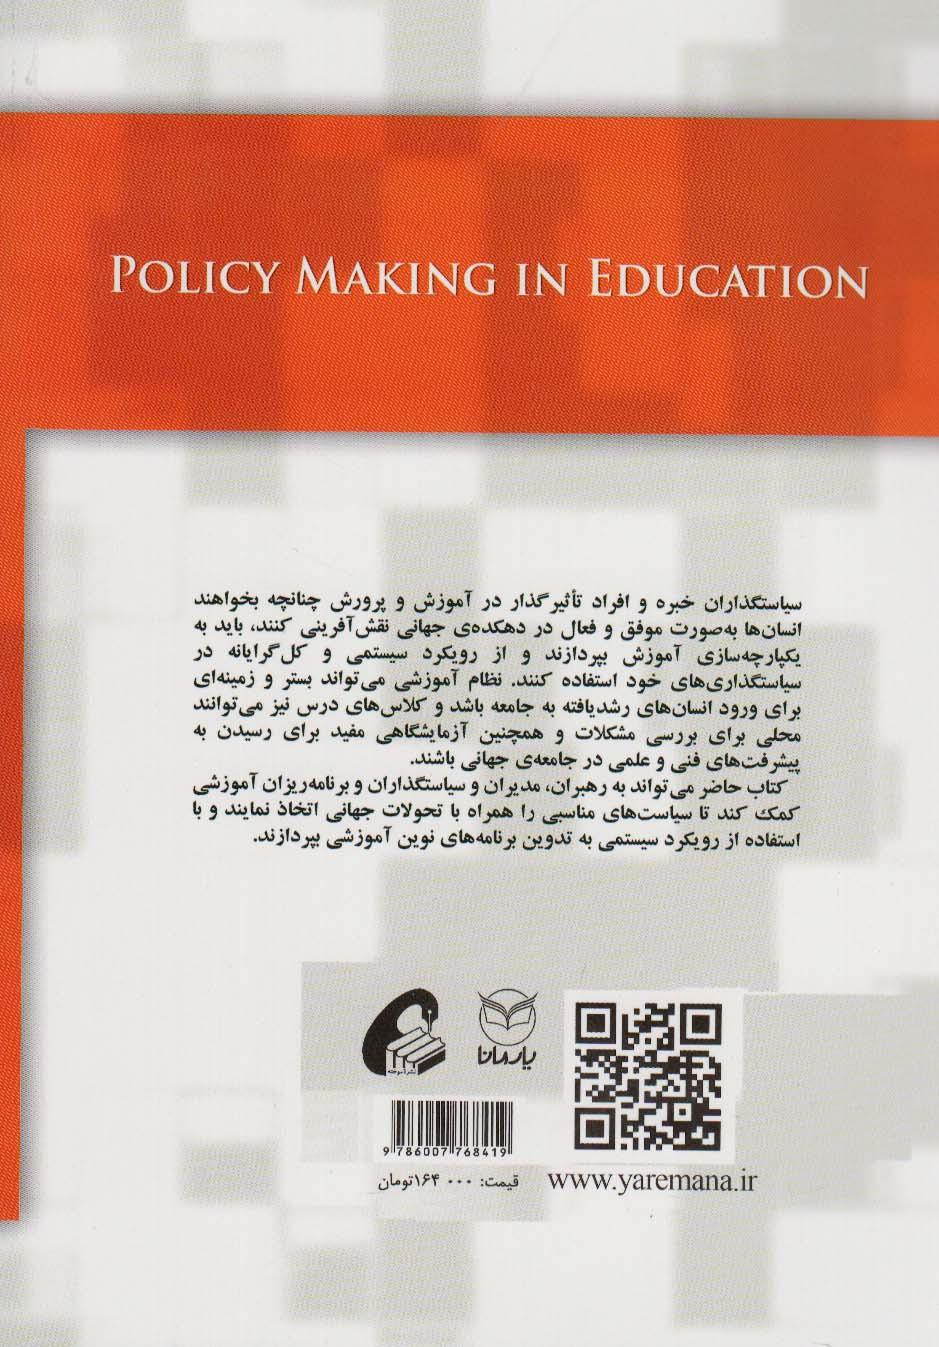 سیاستگذاری در آموزش و پرورش